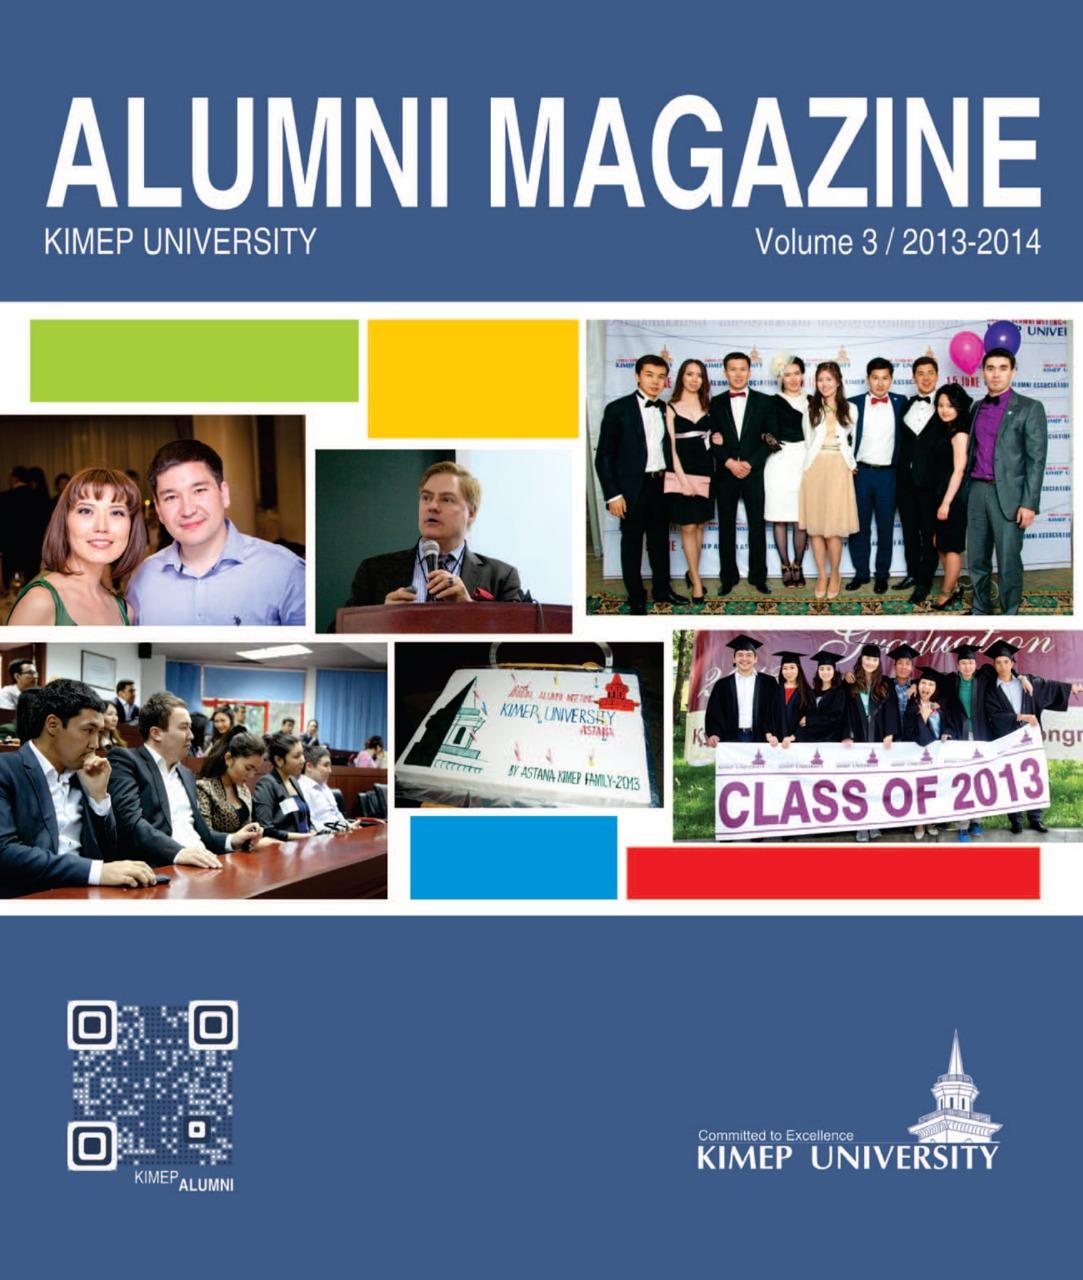 #3 Alumni mag 2013-2014